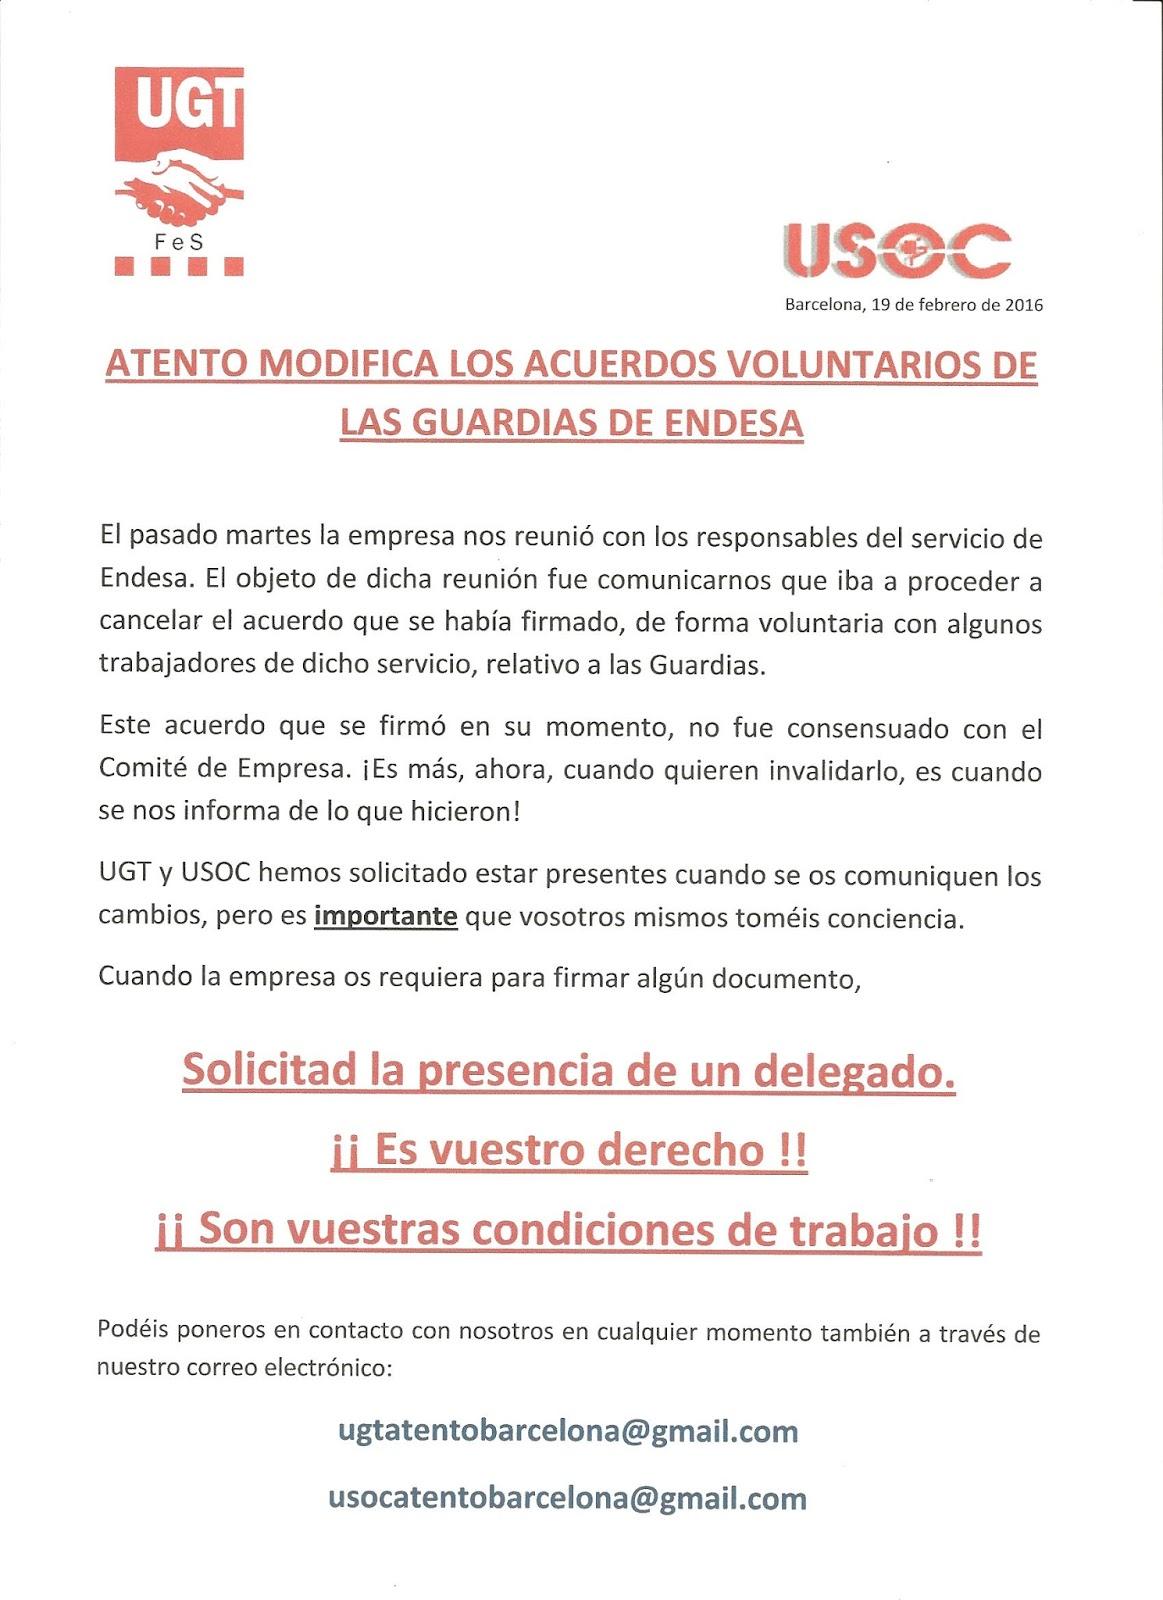 Ugt atento bcn endesa modificaciones en ret n - Oficinas de endesa en barcelona ...